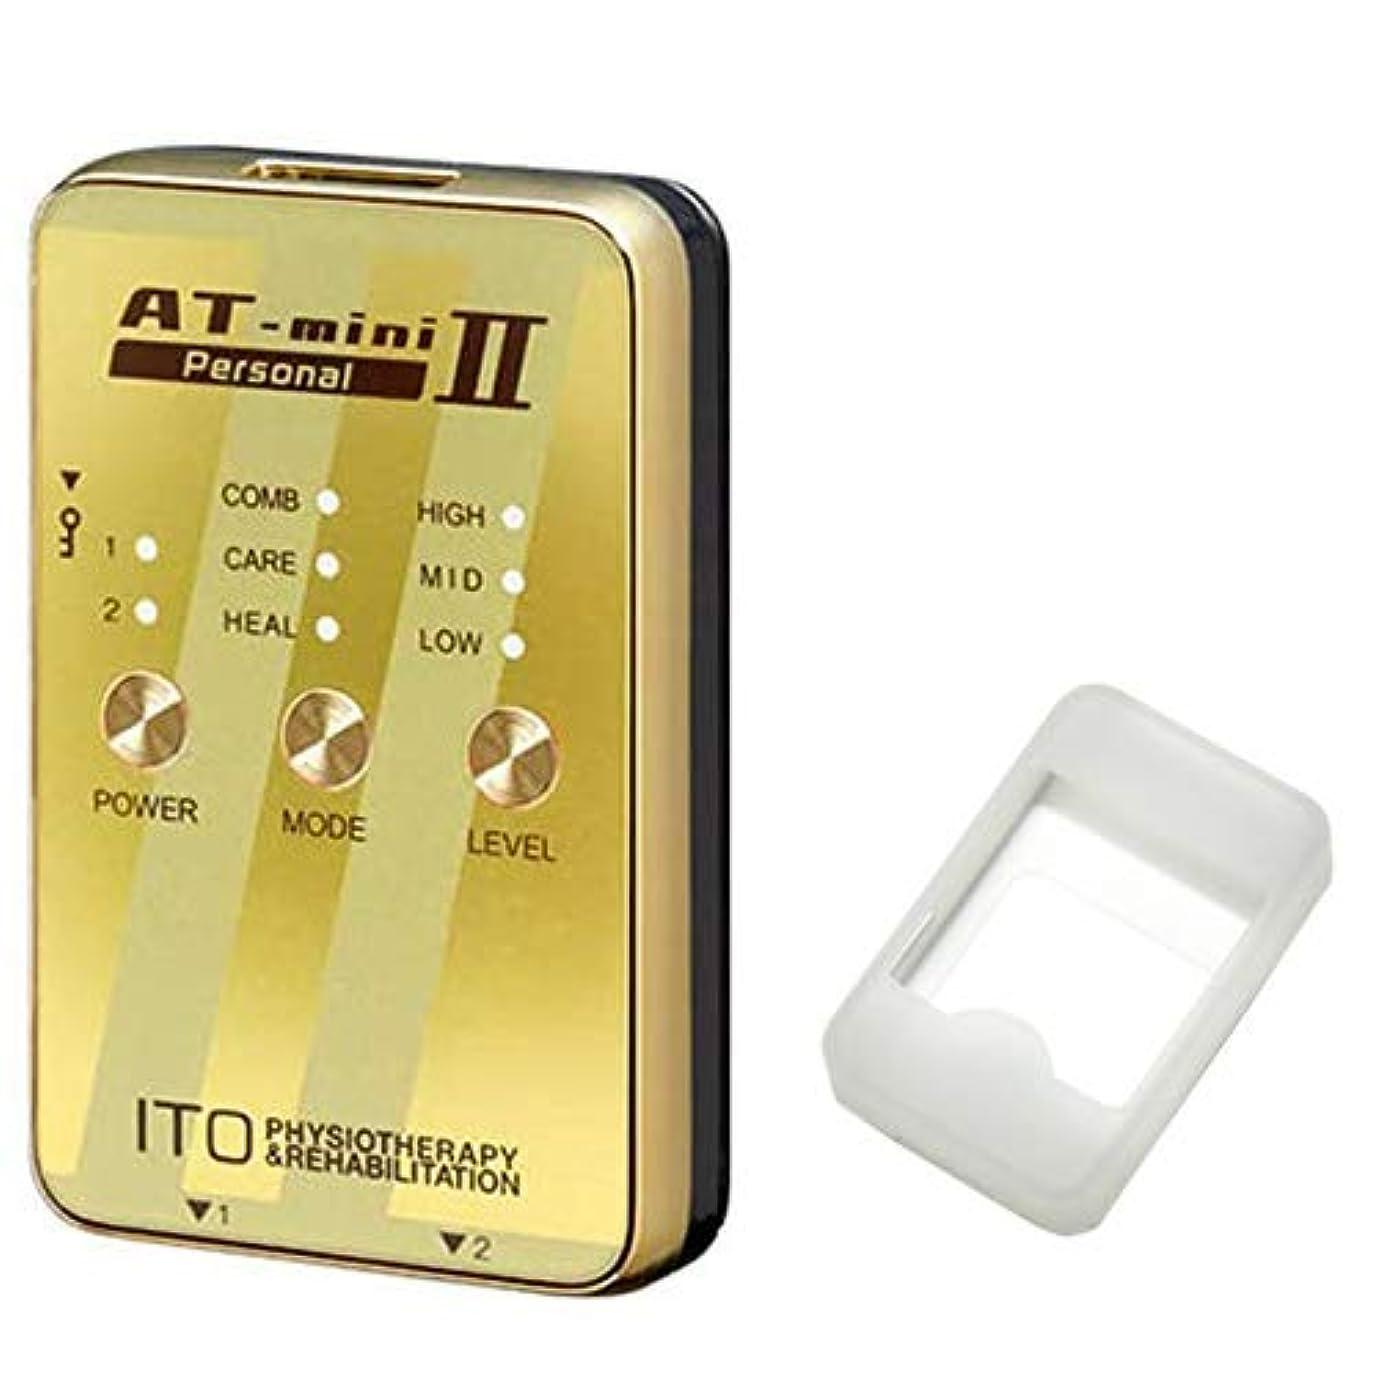 楕円形想定ボーカル低周波治療器 AT-mini personal II ゴールド (ATミニパーソナル2) + シリコン保護ケース